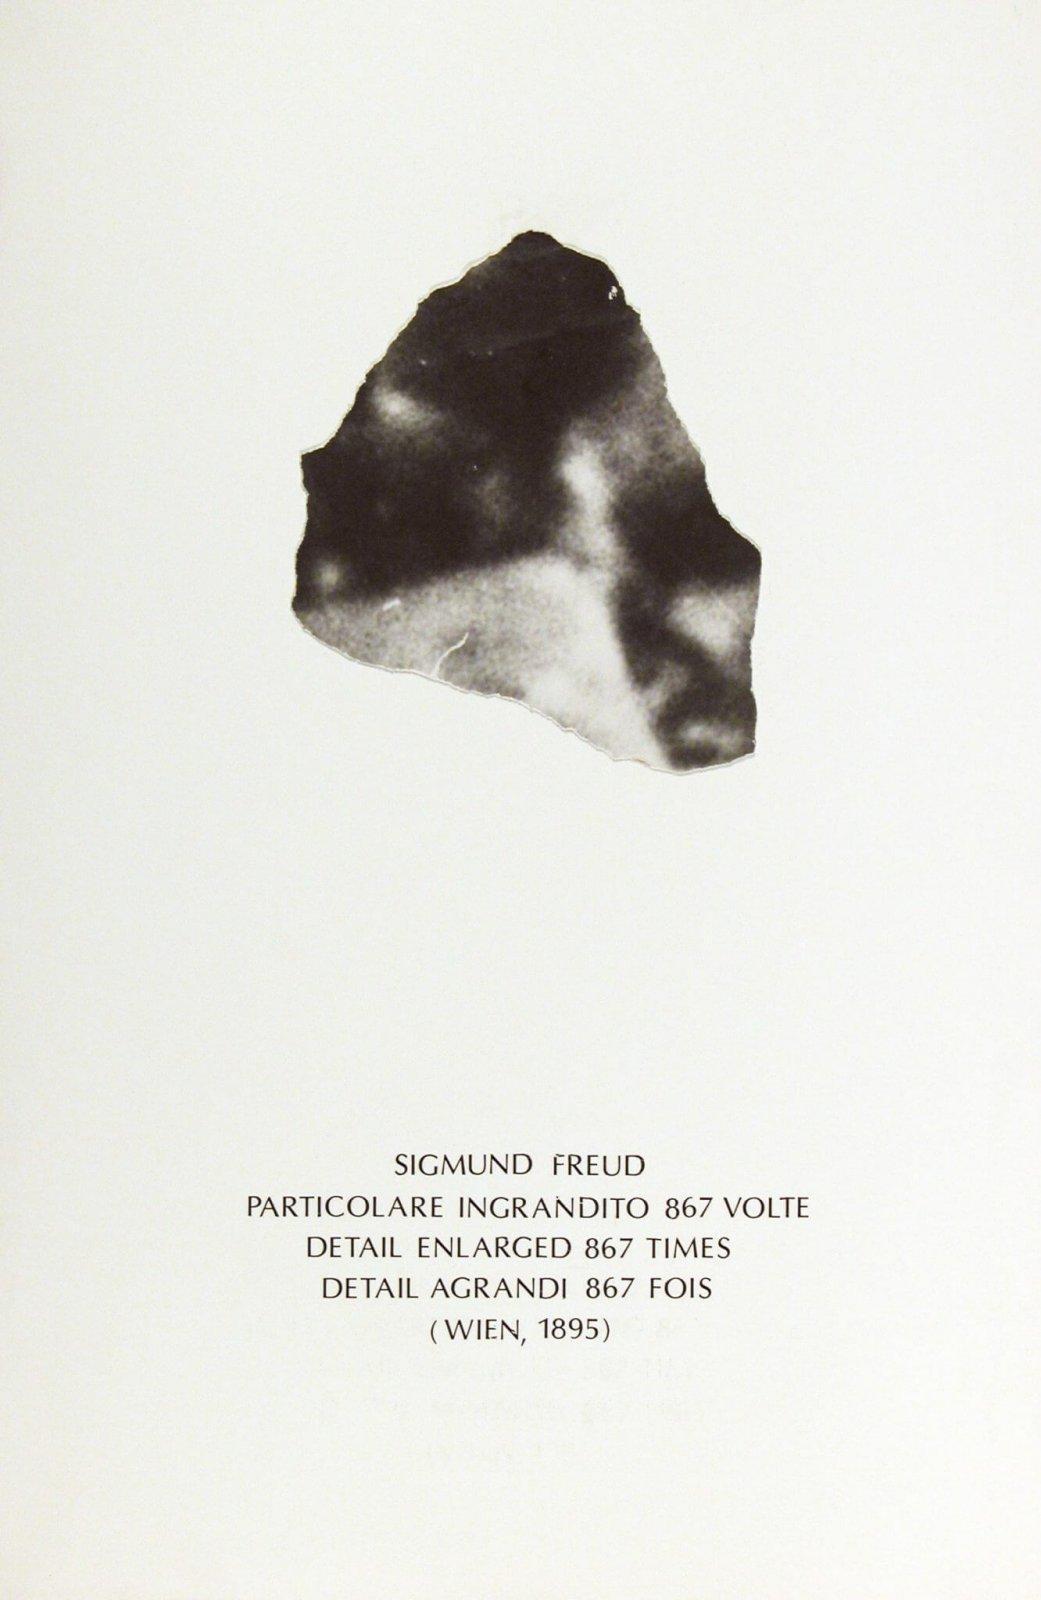 Emilio Isgrò, Particolare per Alfabeta, 1983, collage su cartone, 397 x 260 mm, Collezione Galleria Civica di Modena